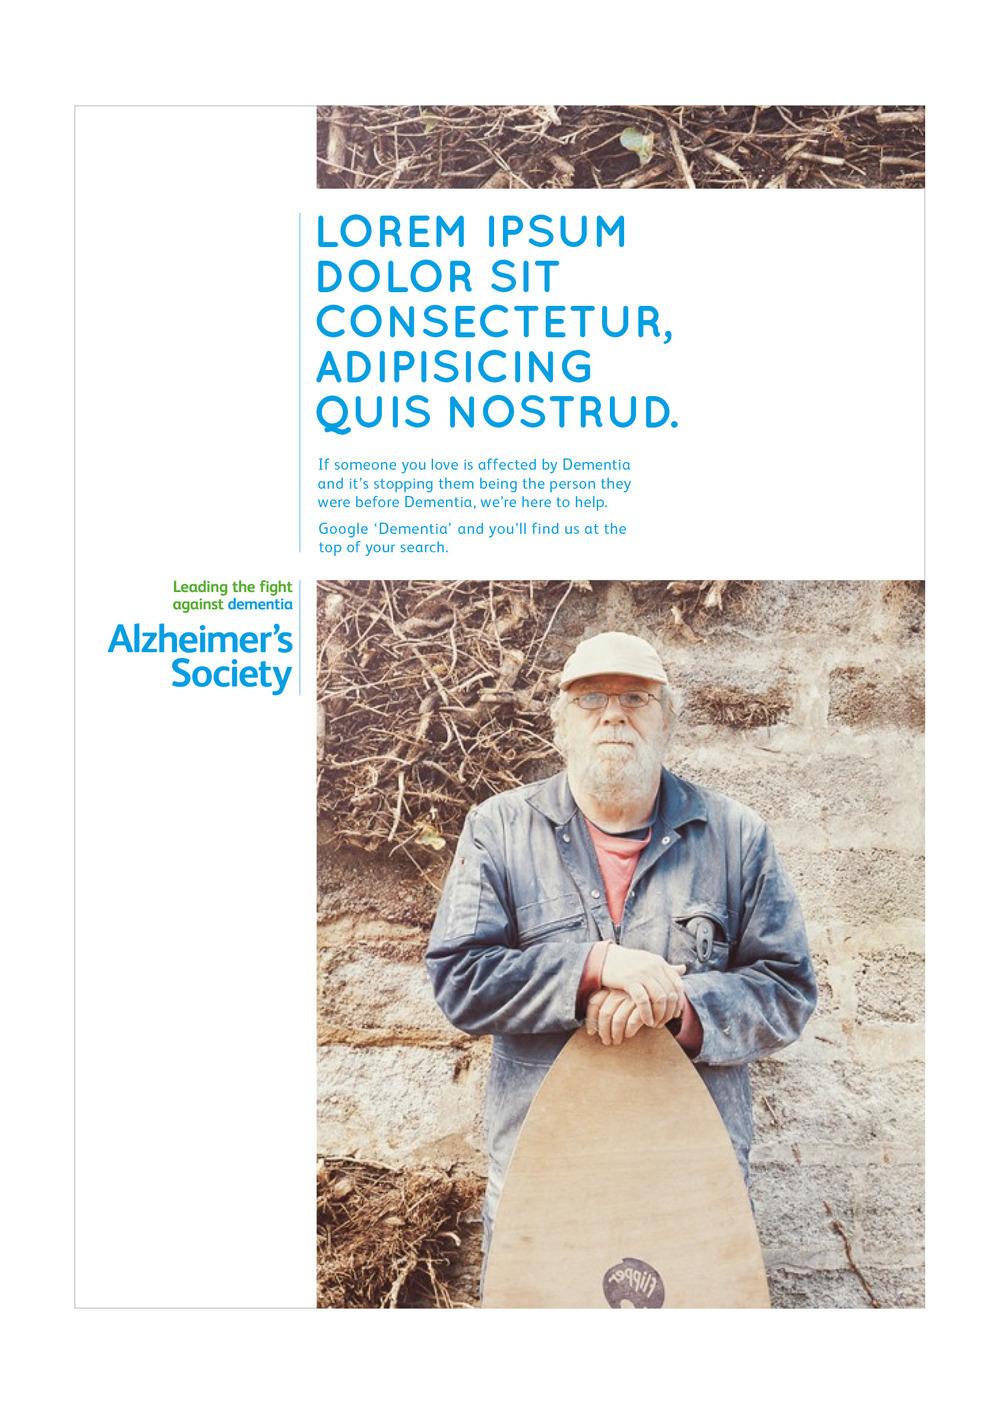 Alzheimers Branding A3 Boards 3.jpg